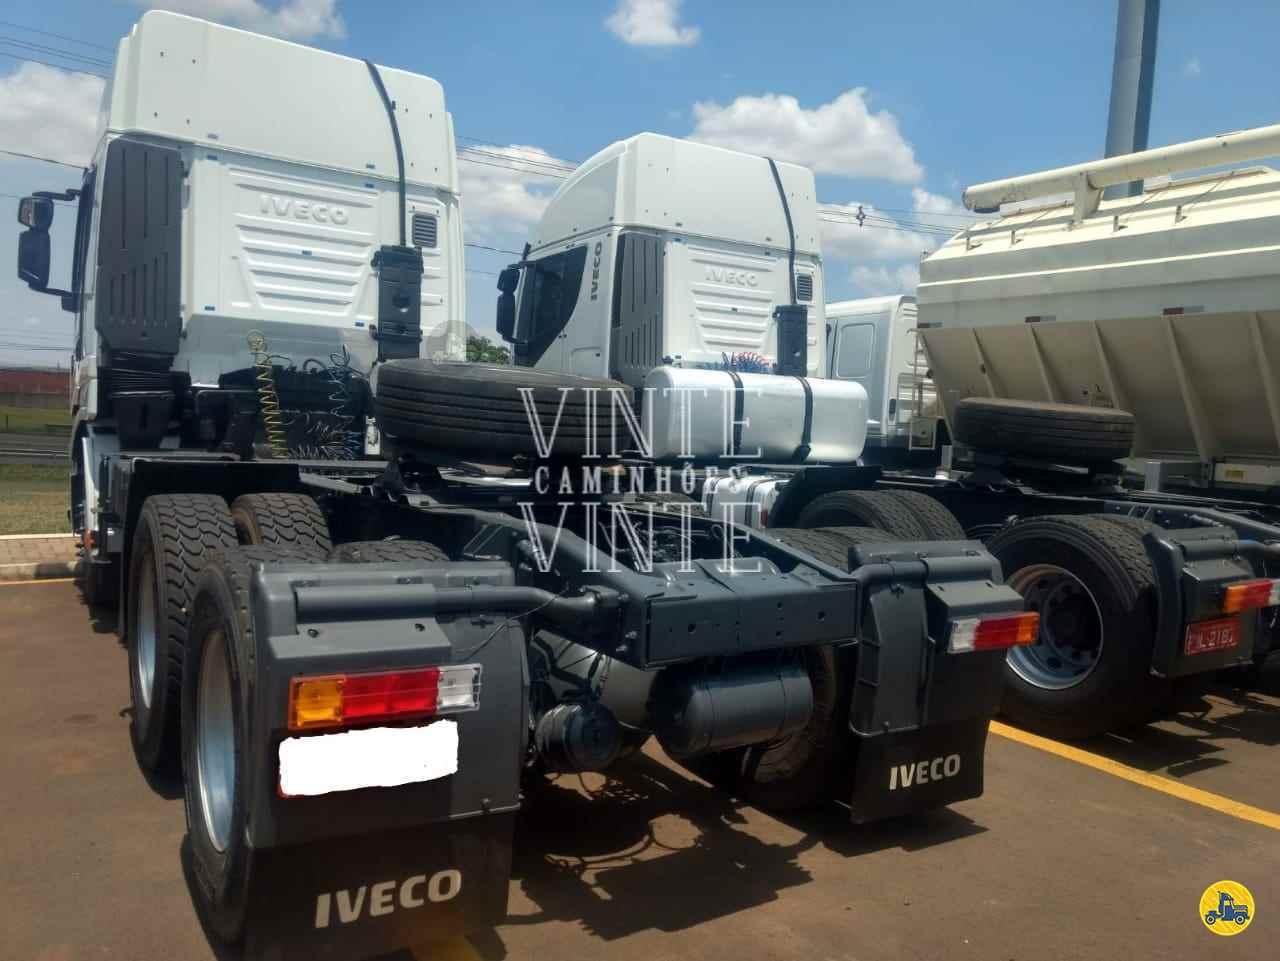 IVECO STRALIS 480 600000km 2014/2014 Vinte-Vinte Caminhões